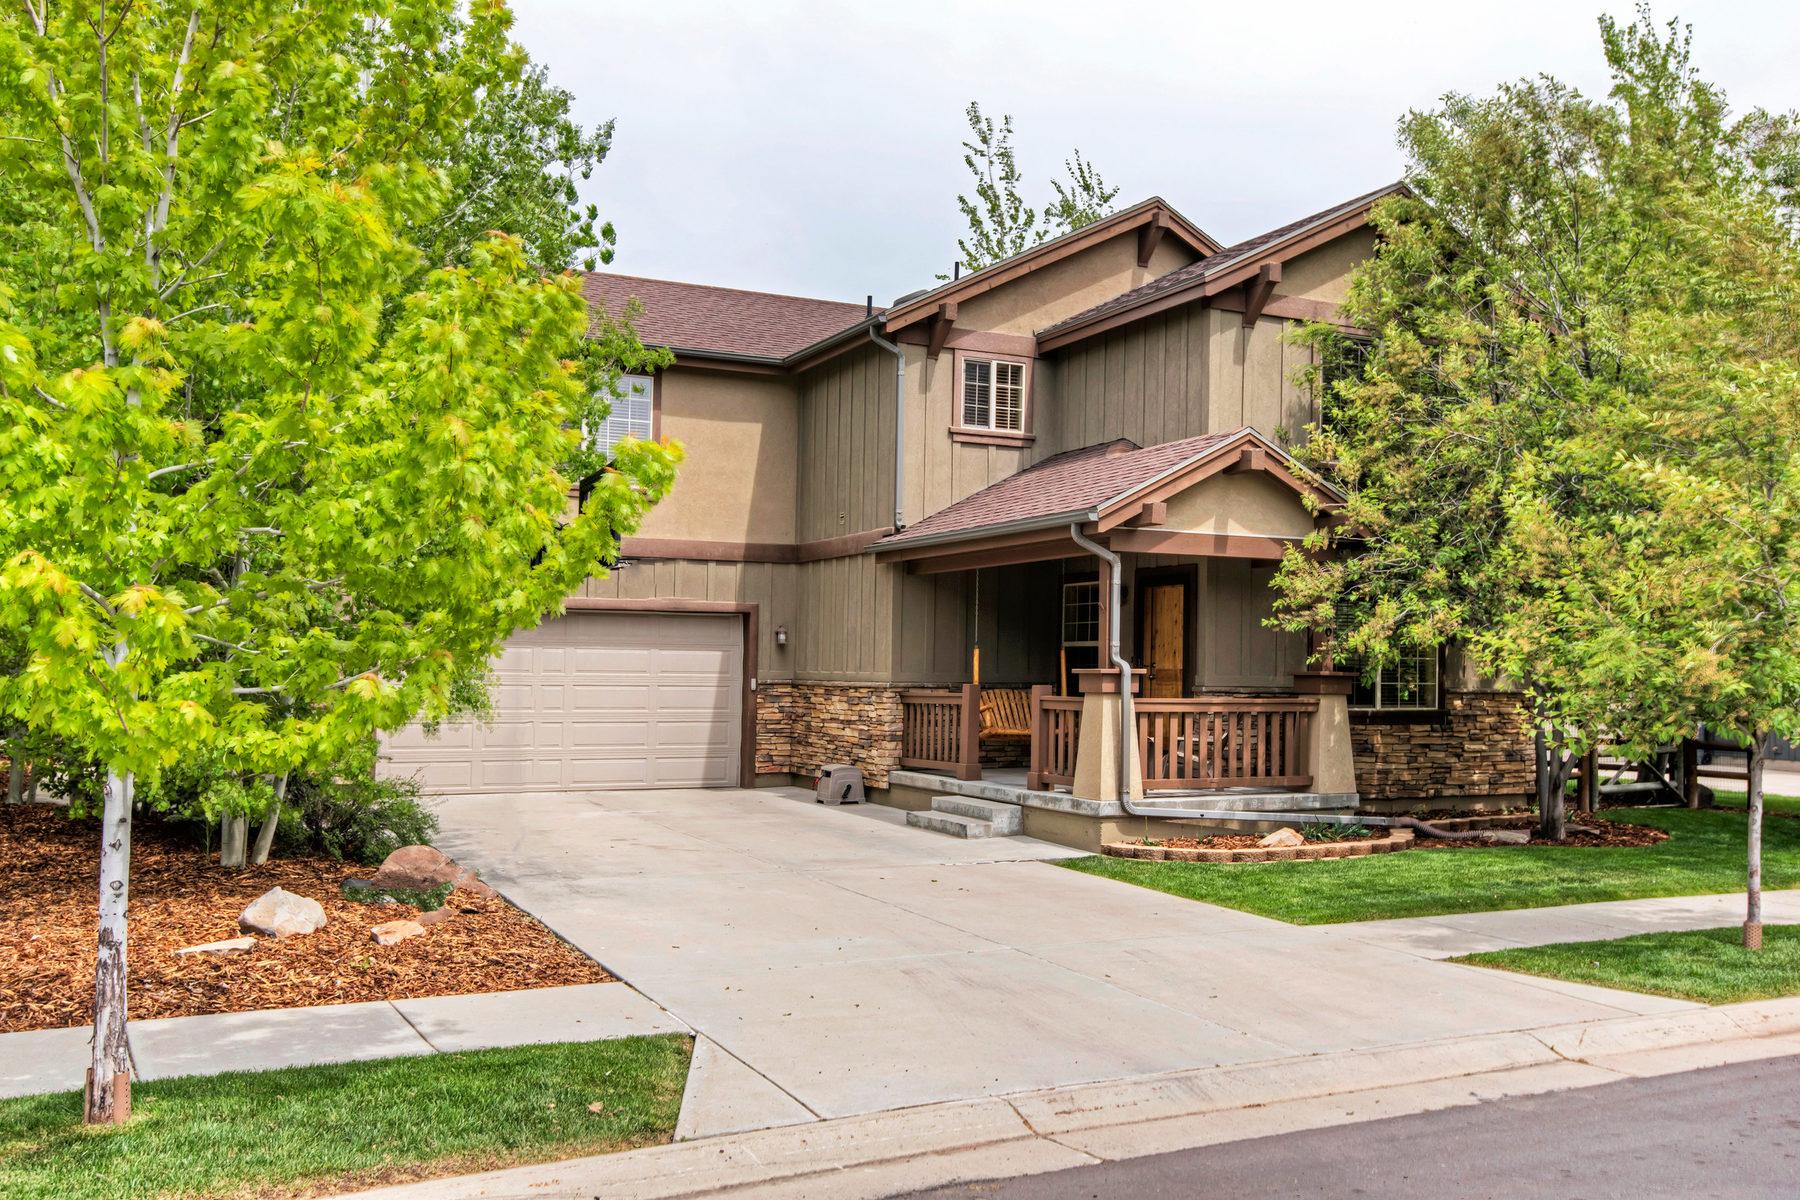 Einfamilienhaus für Verkauf beim Amazing Location Charming Style 5661 N Aspenleaf Dr Park City, Utah, 84098 Vereinigte Staaten